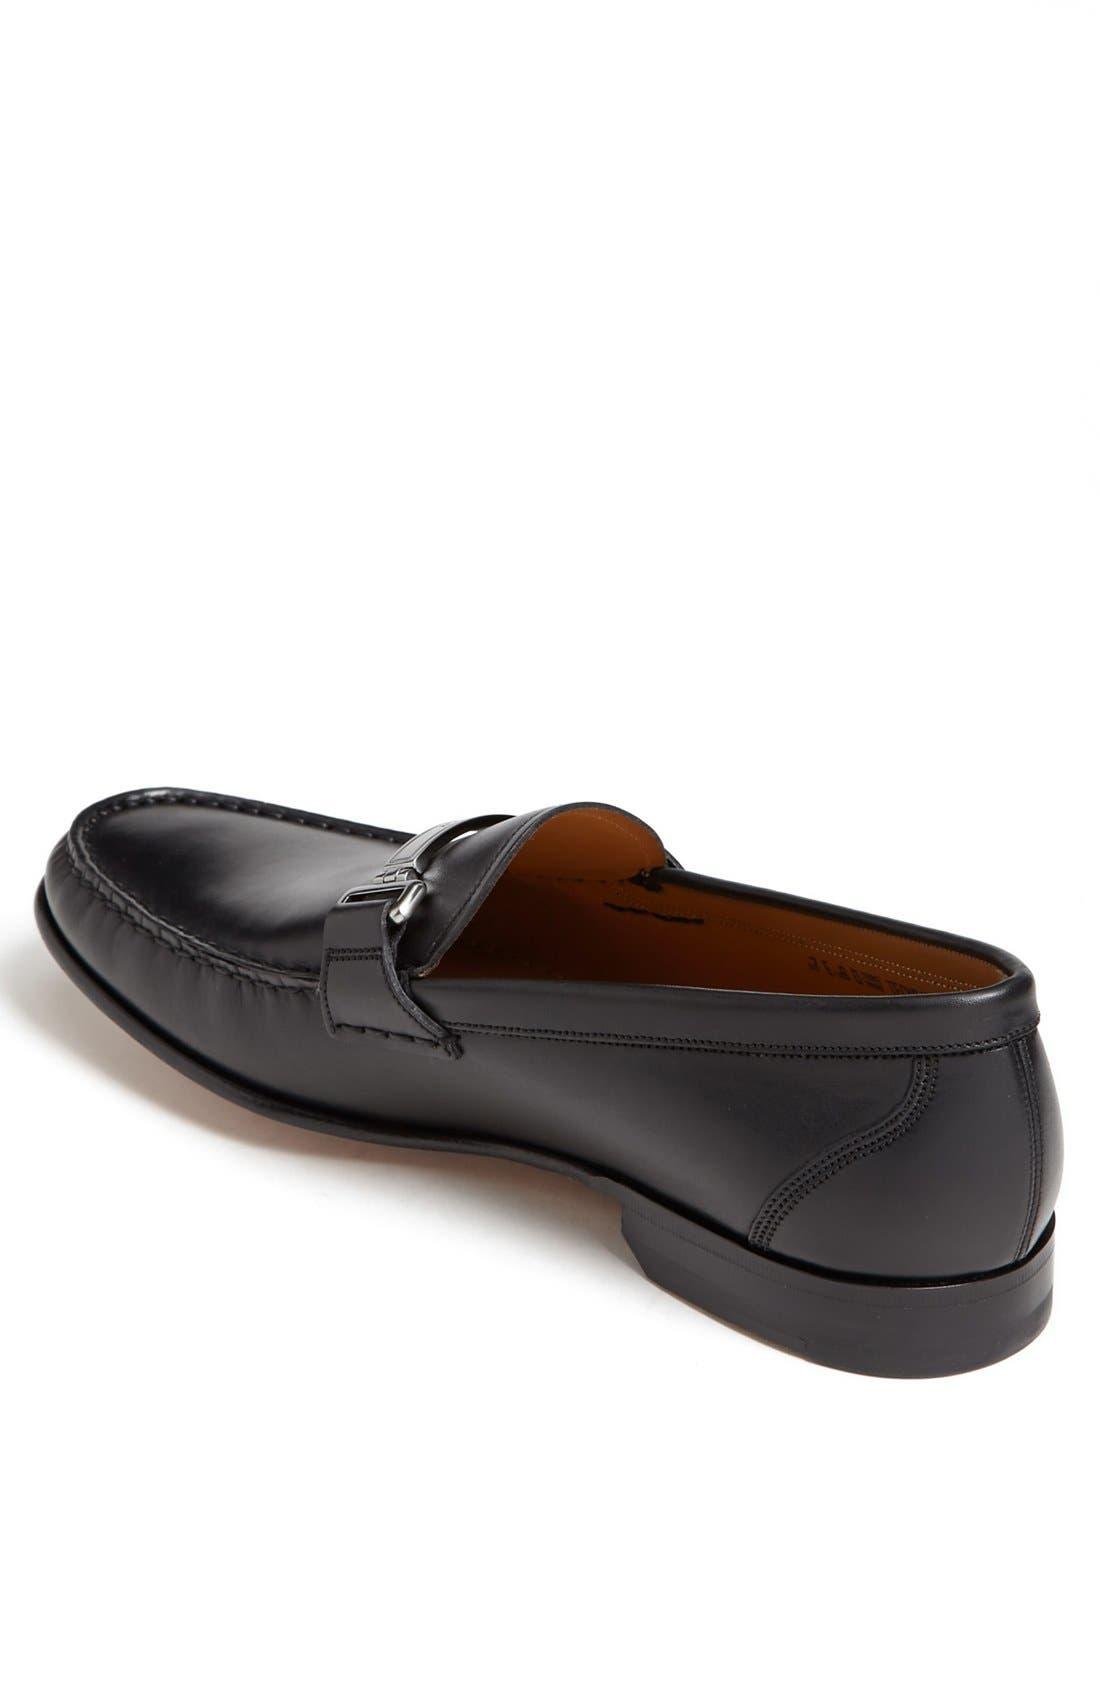 Alternate Image 2  - Bally 'Tecno' Loafer (Men)